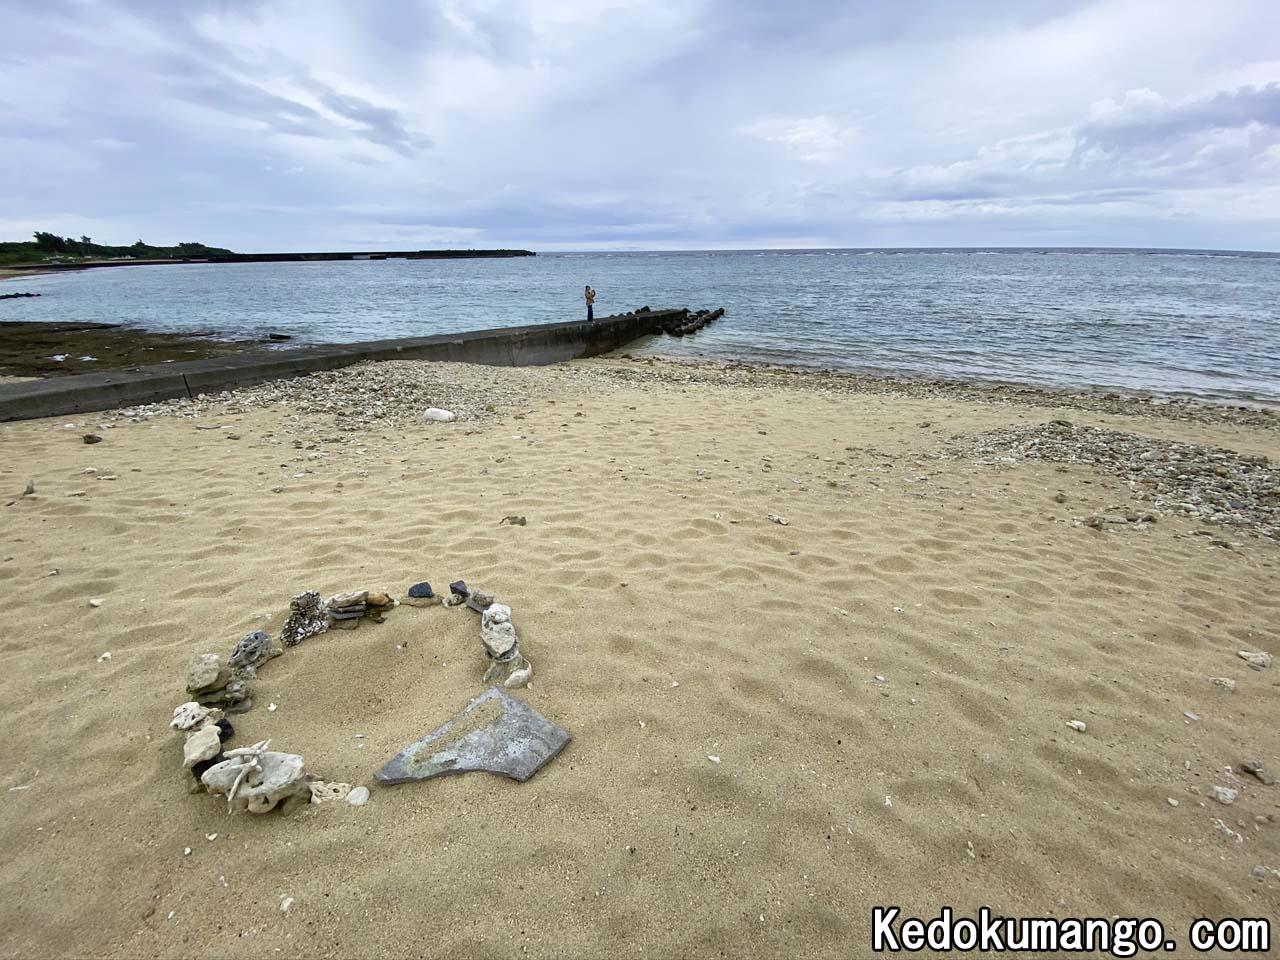 ウミガメの産卵場所の保護状況